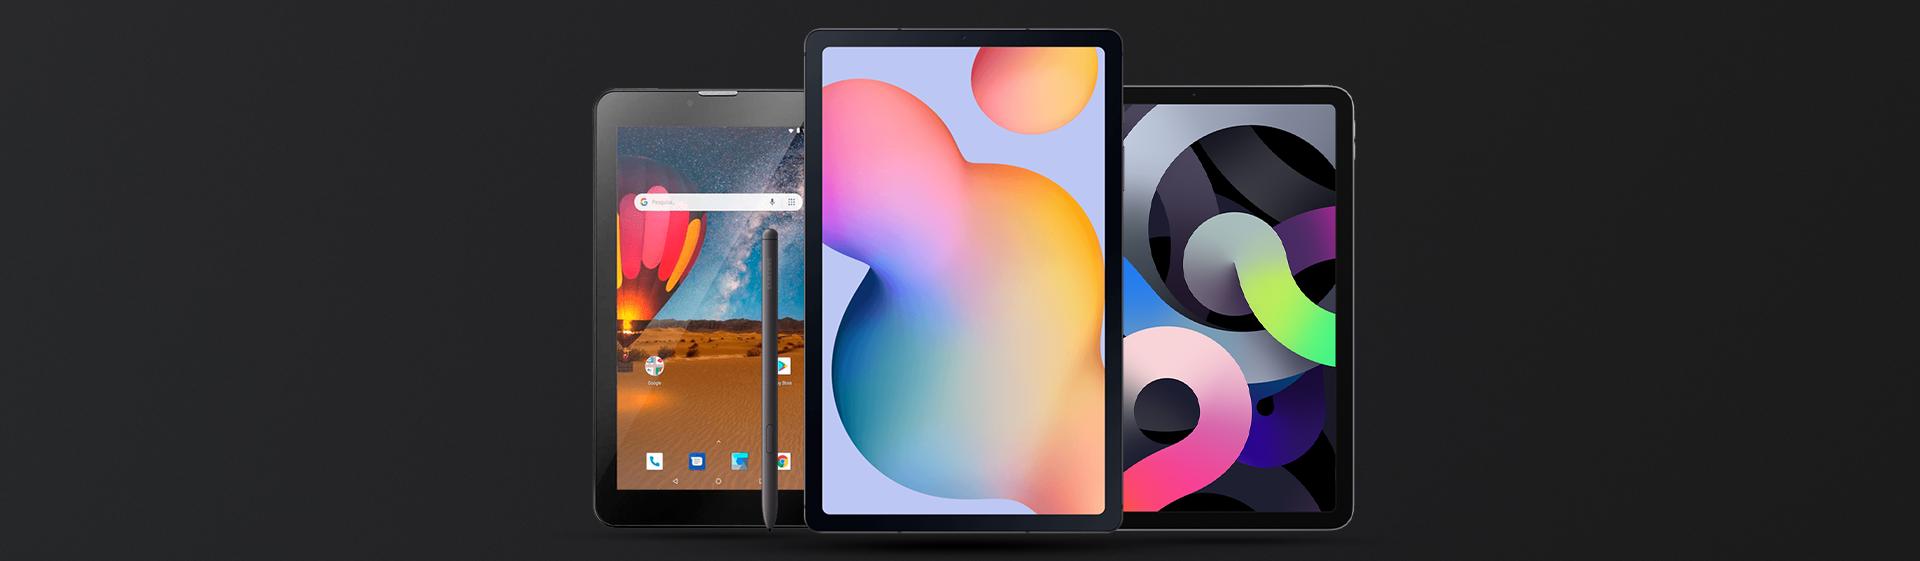 Veja os tablets mais vendidos do Zoom